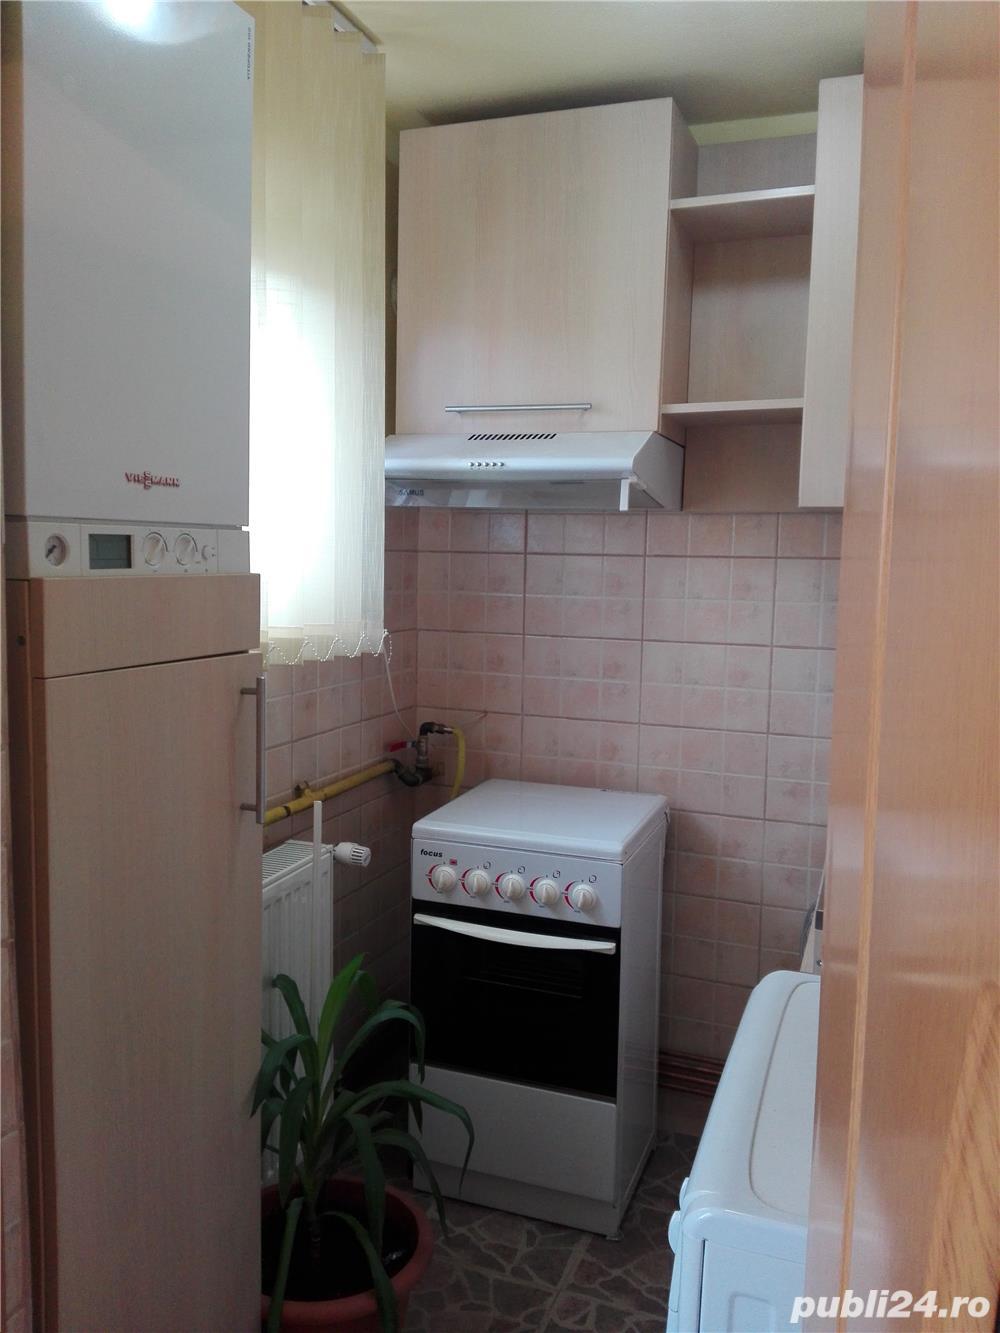 Proprietar vand apartament 2 camere